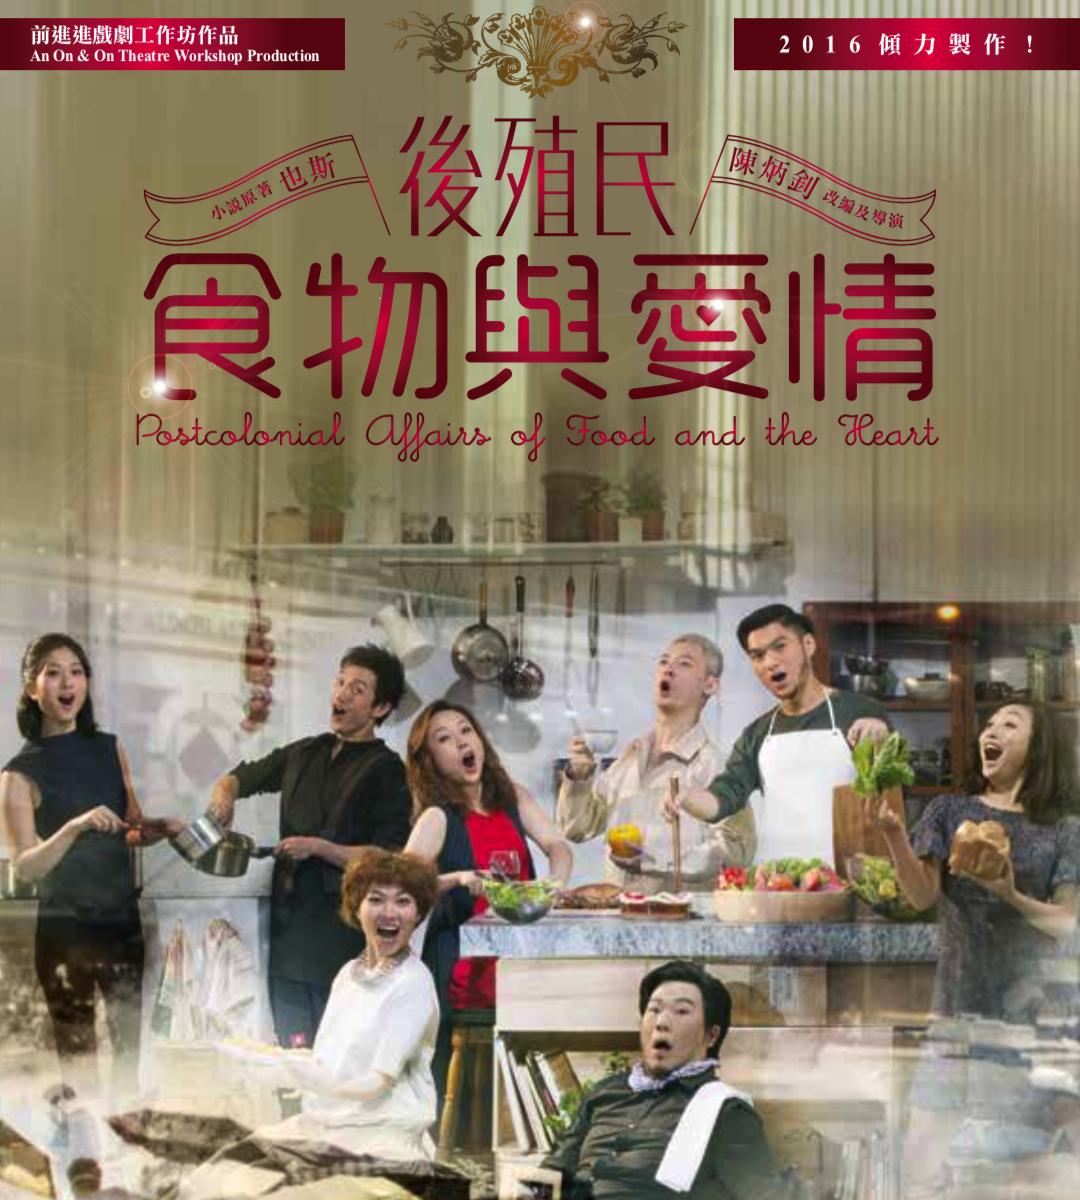 後殖民食物與愛情 (2016)